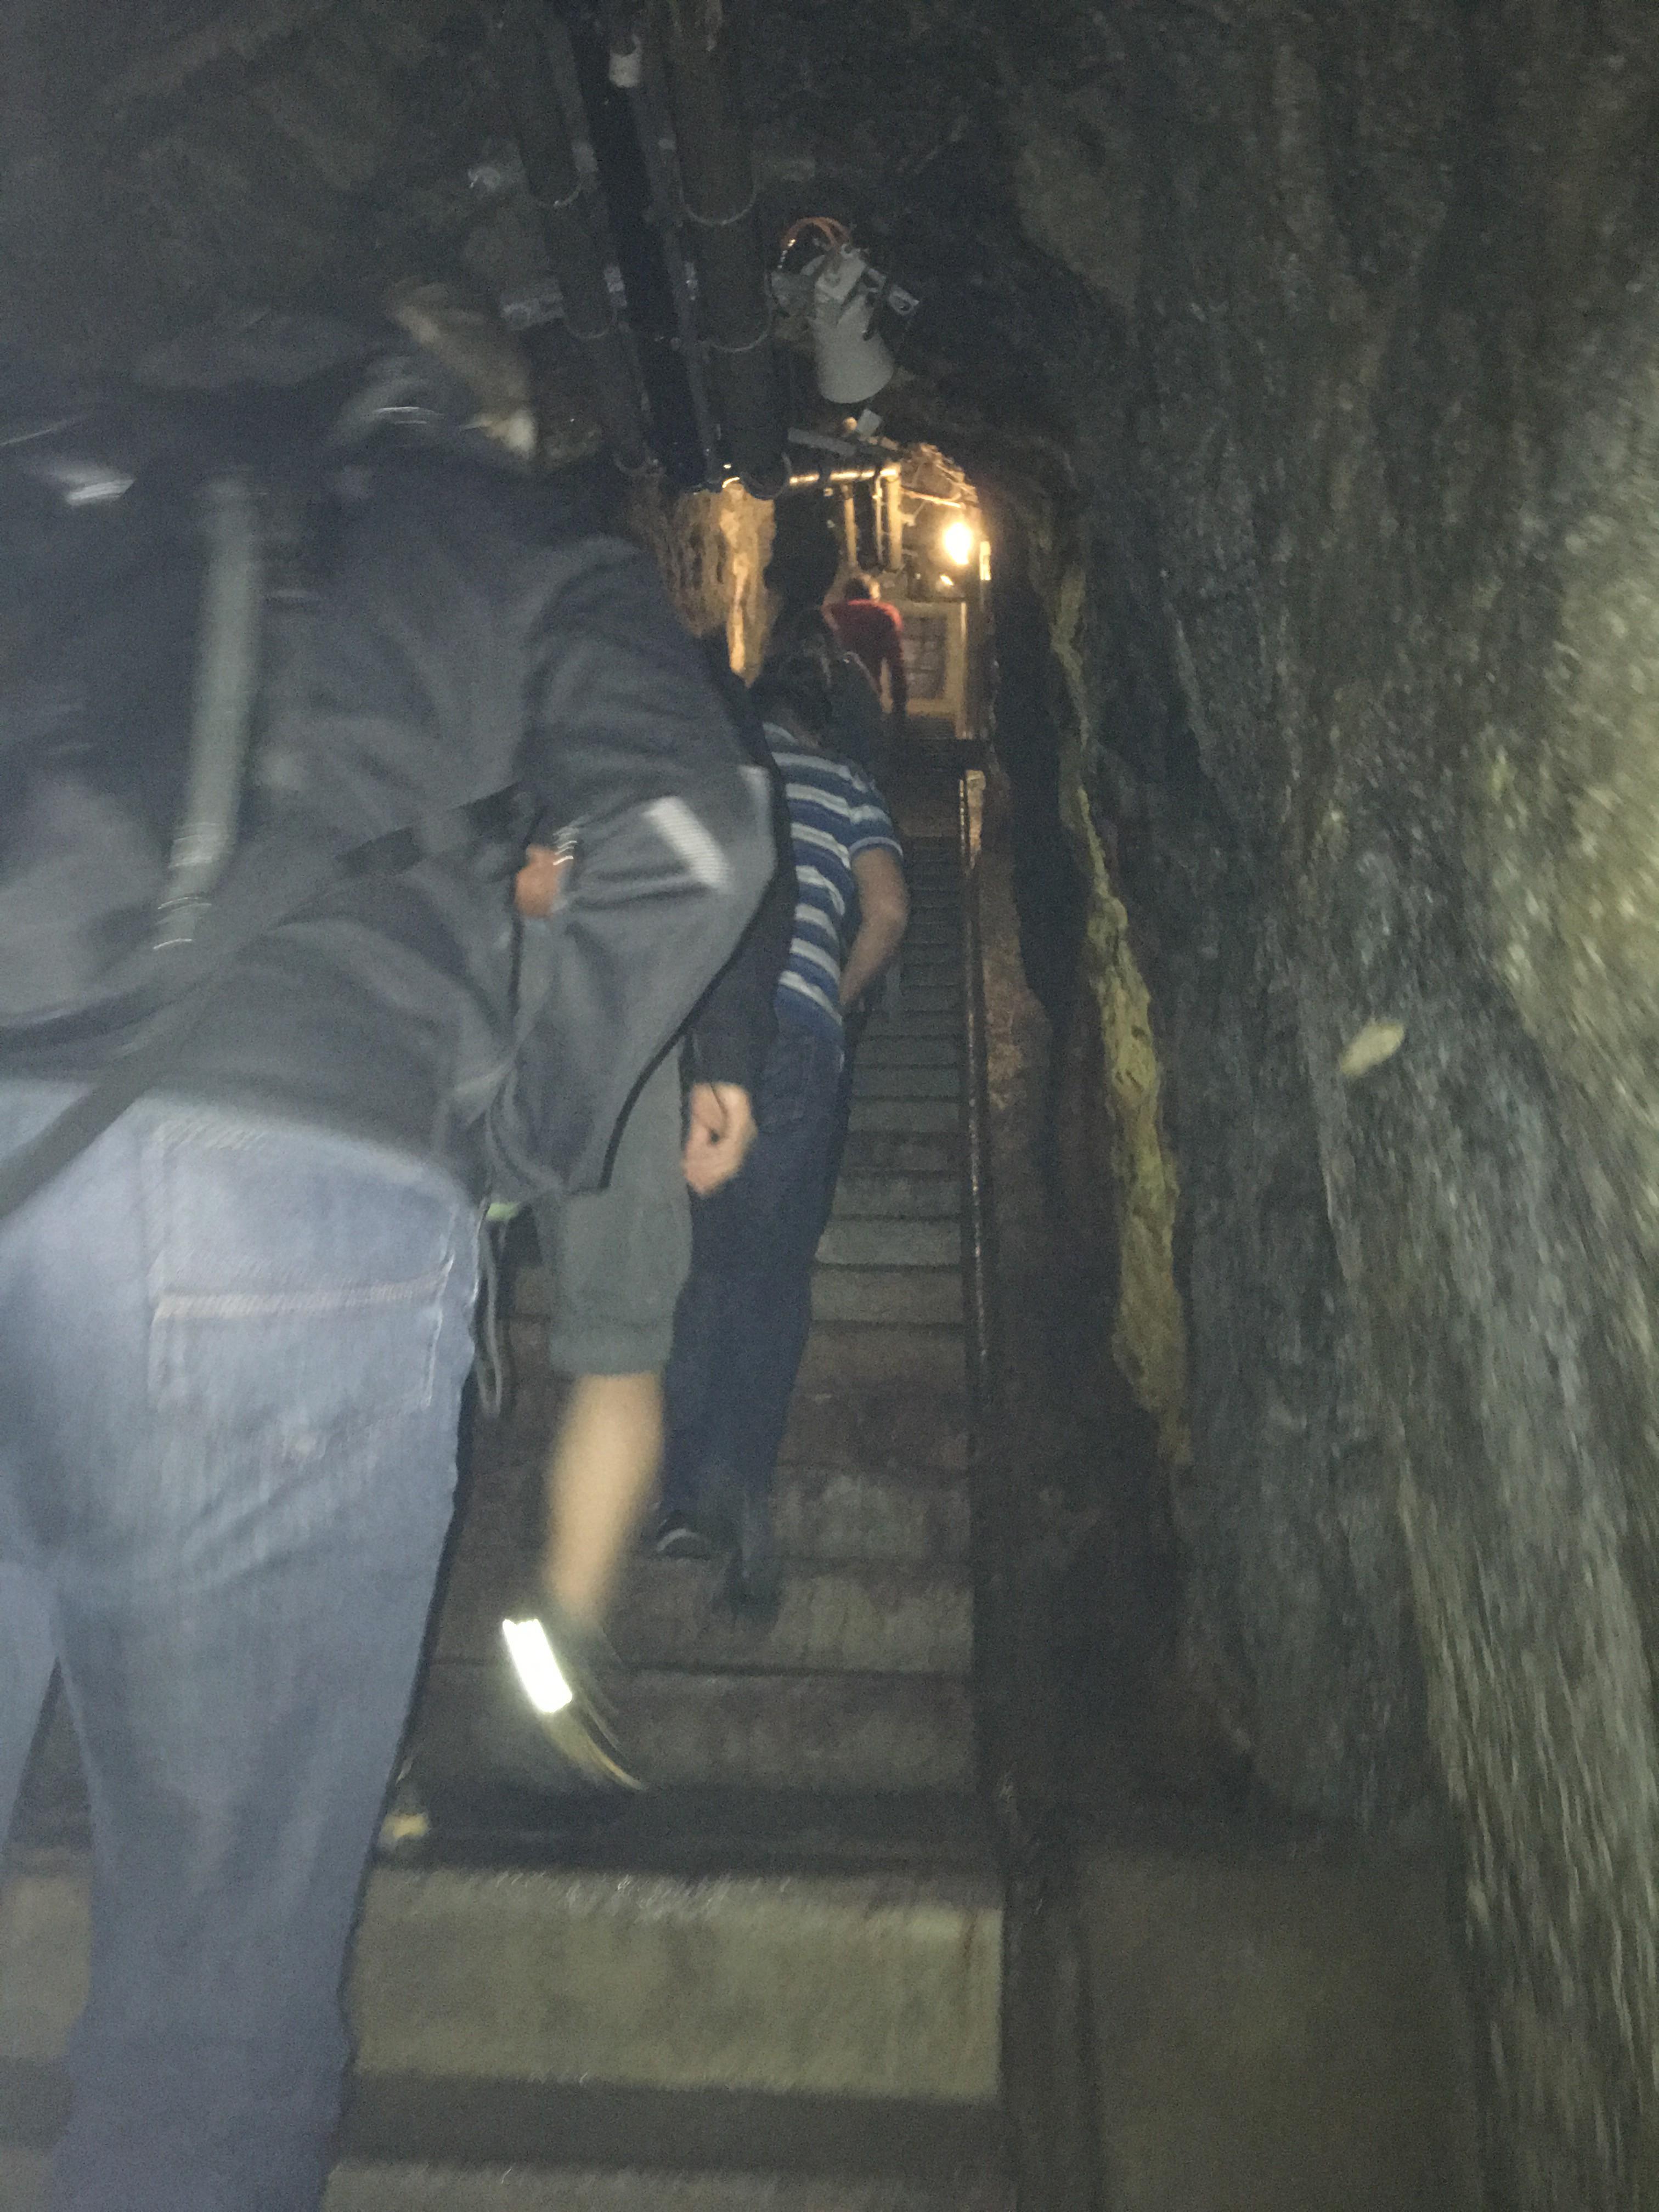 Lange, schwach erleuchtete Gänge und Treppen. Hier länger ausharren zu müssen ist kein Zuckerschlecken.